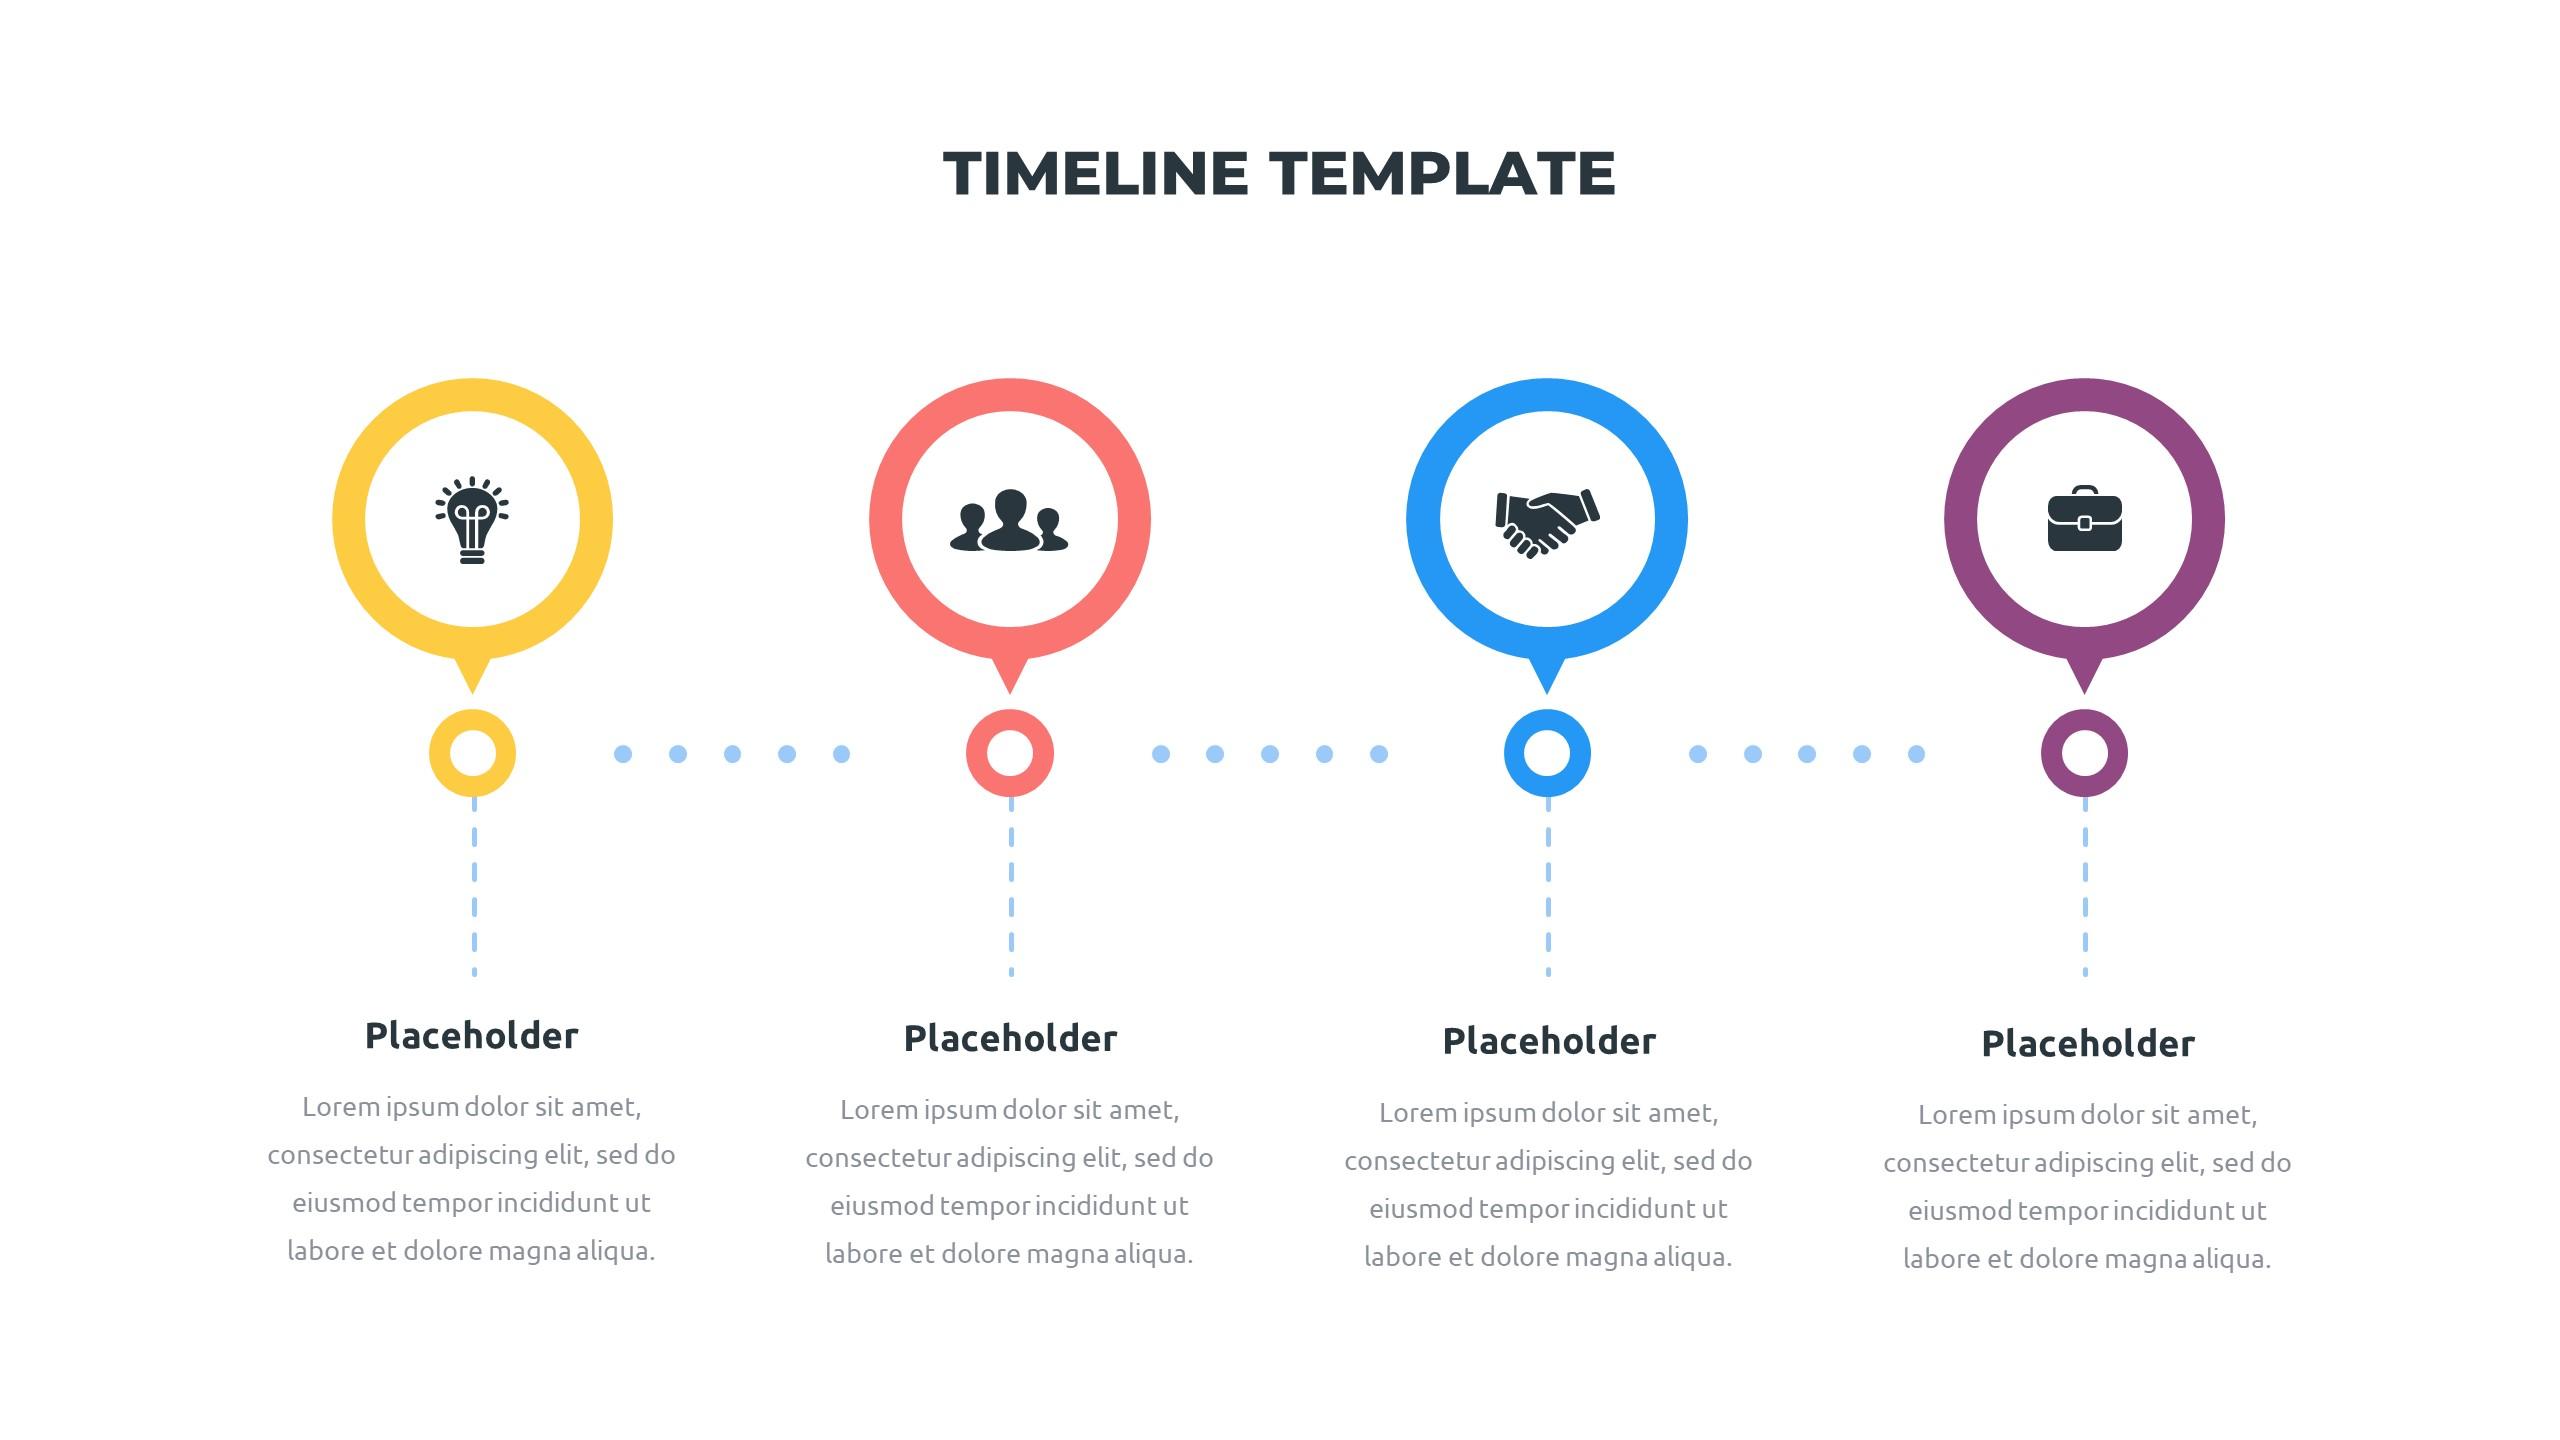 36 Timeline Presentation Templates: Powerpoint, Google Slides, Keynote - Slide29